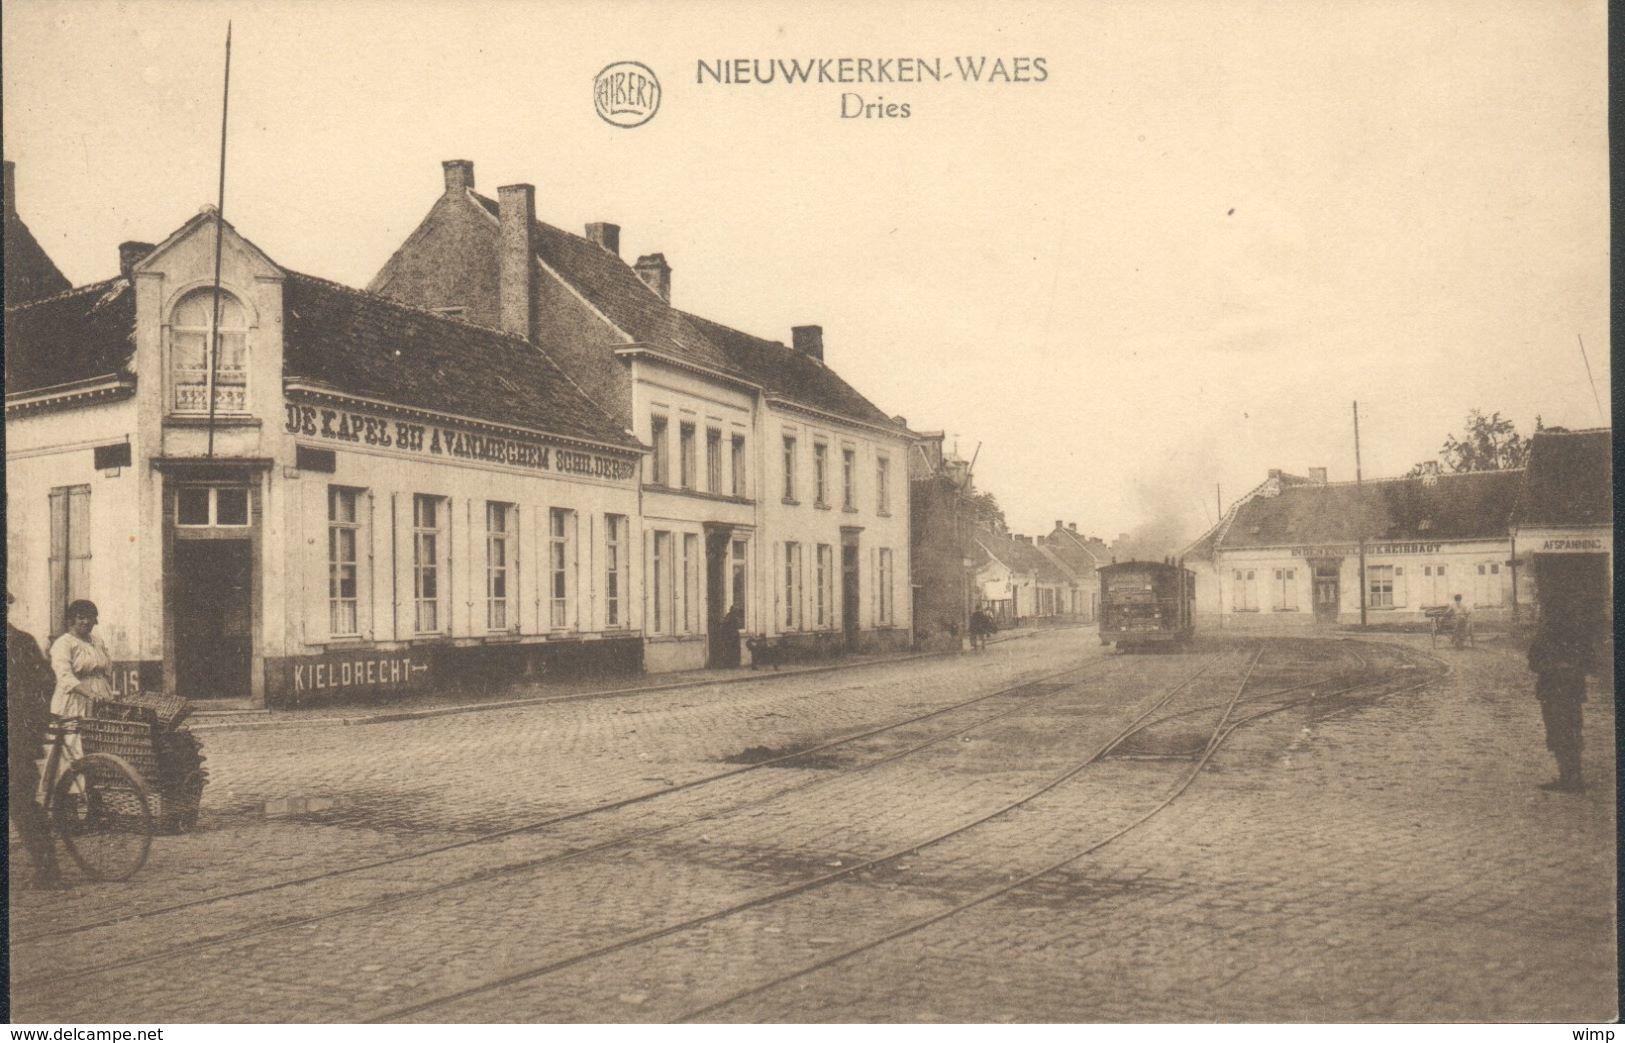 Nieuwkerke-Waes  Dries Met STOOMTRAM !!! - Sint-Niklaas